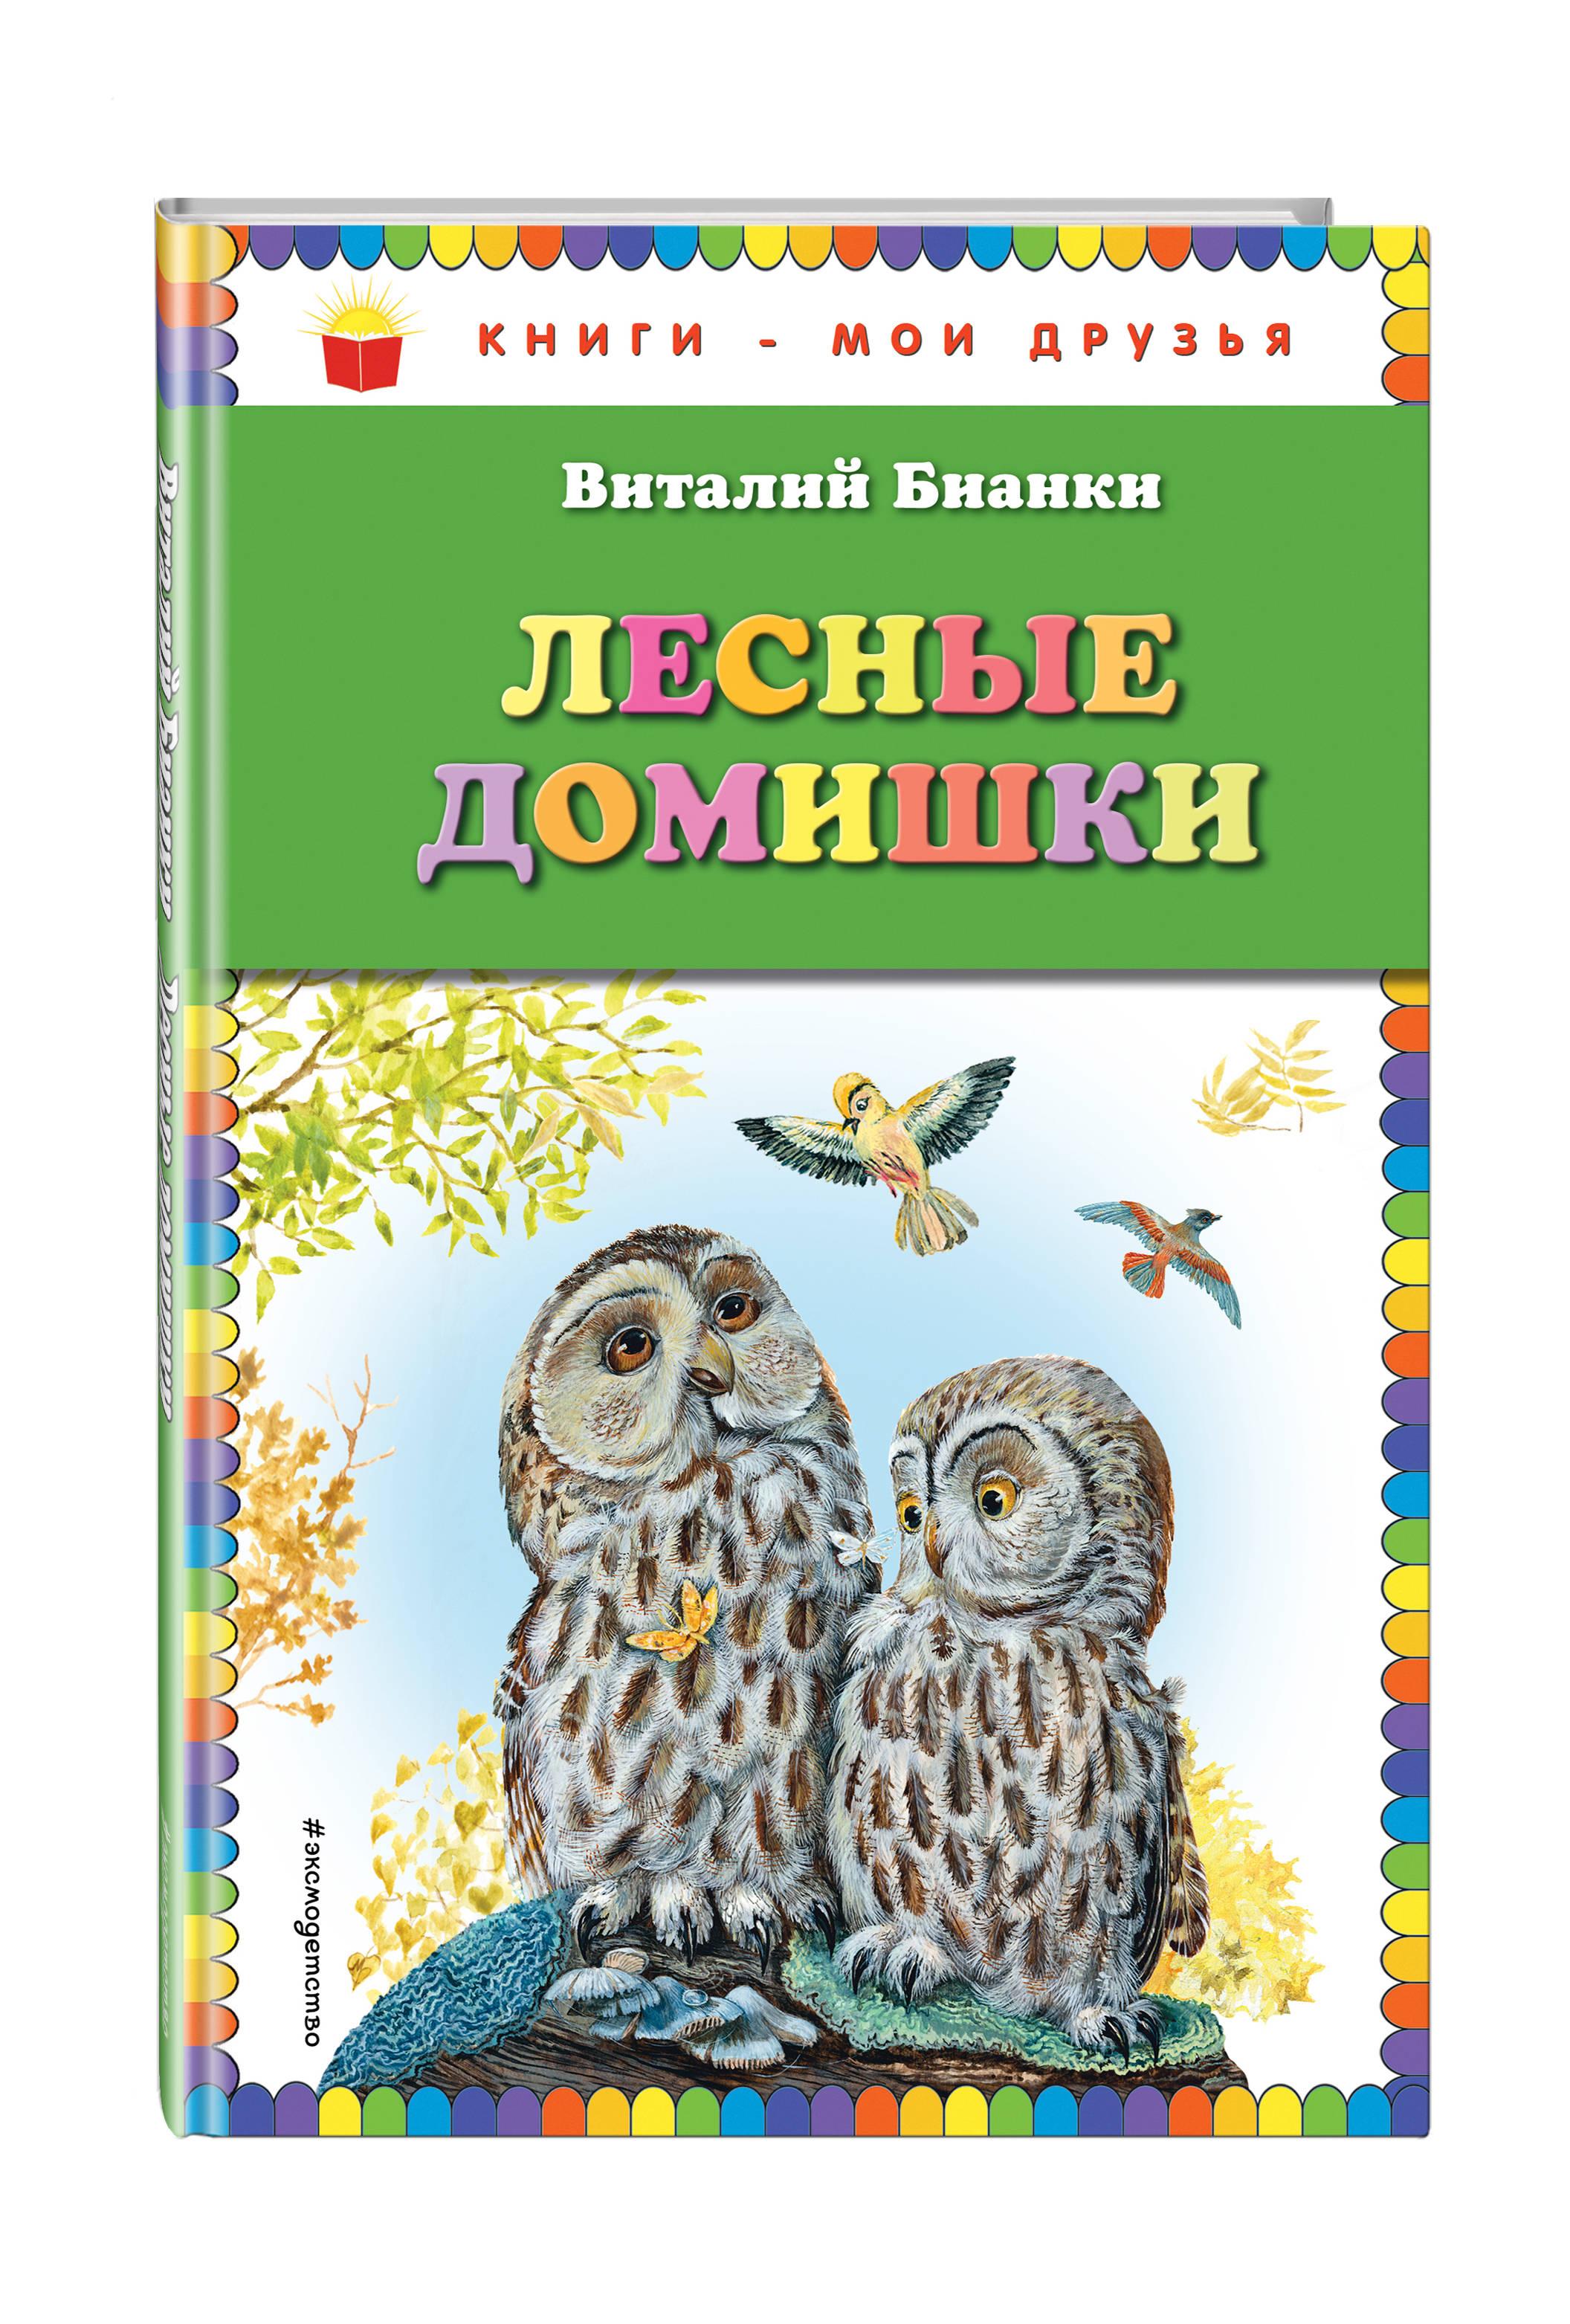 Виталий Бианки Лесные домишки бианки в лесные домишки рассказы